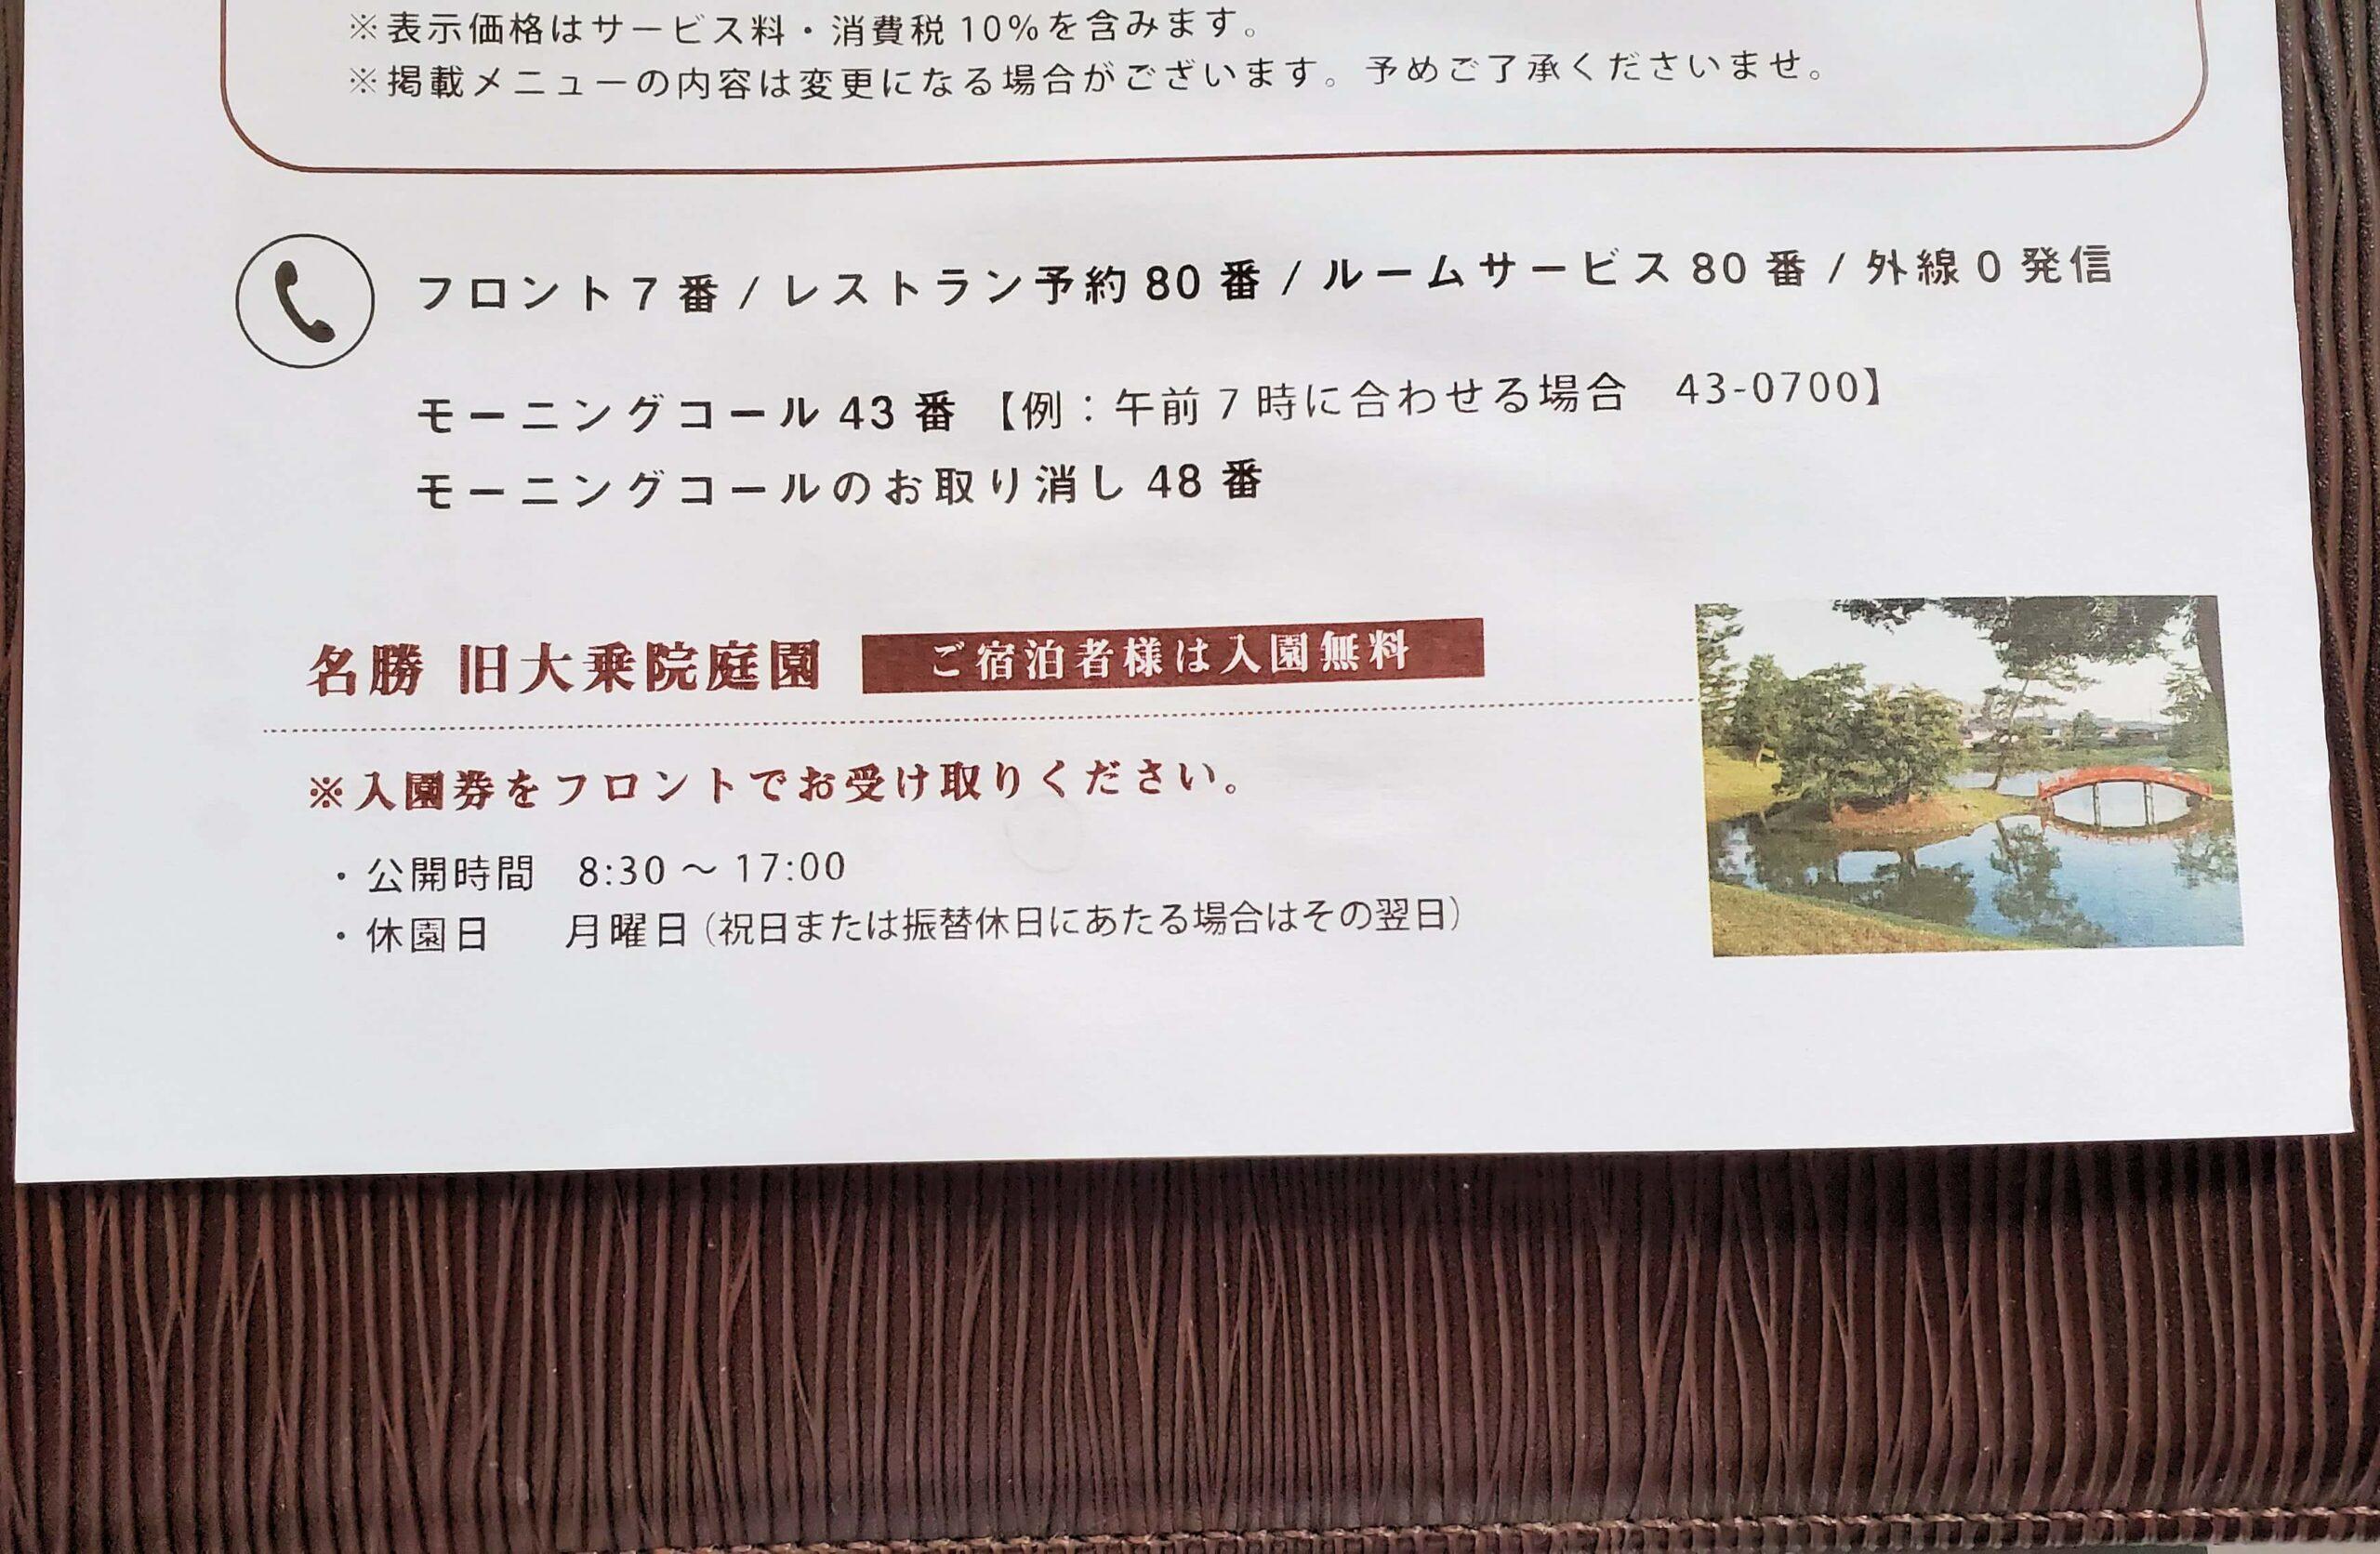 奈良ホテルのパンフレットに載っていた名勝「旧大乗院庭園」